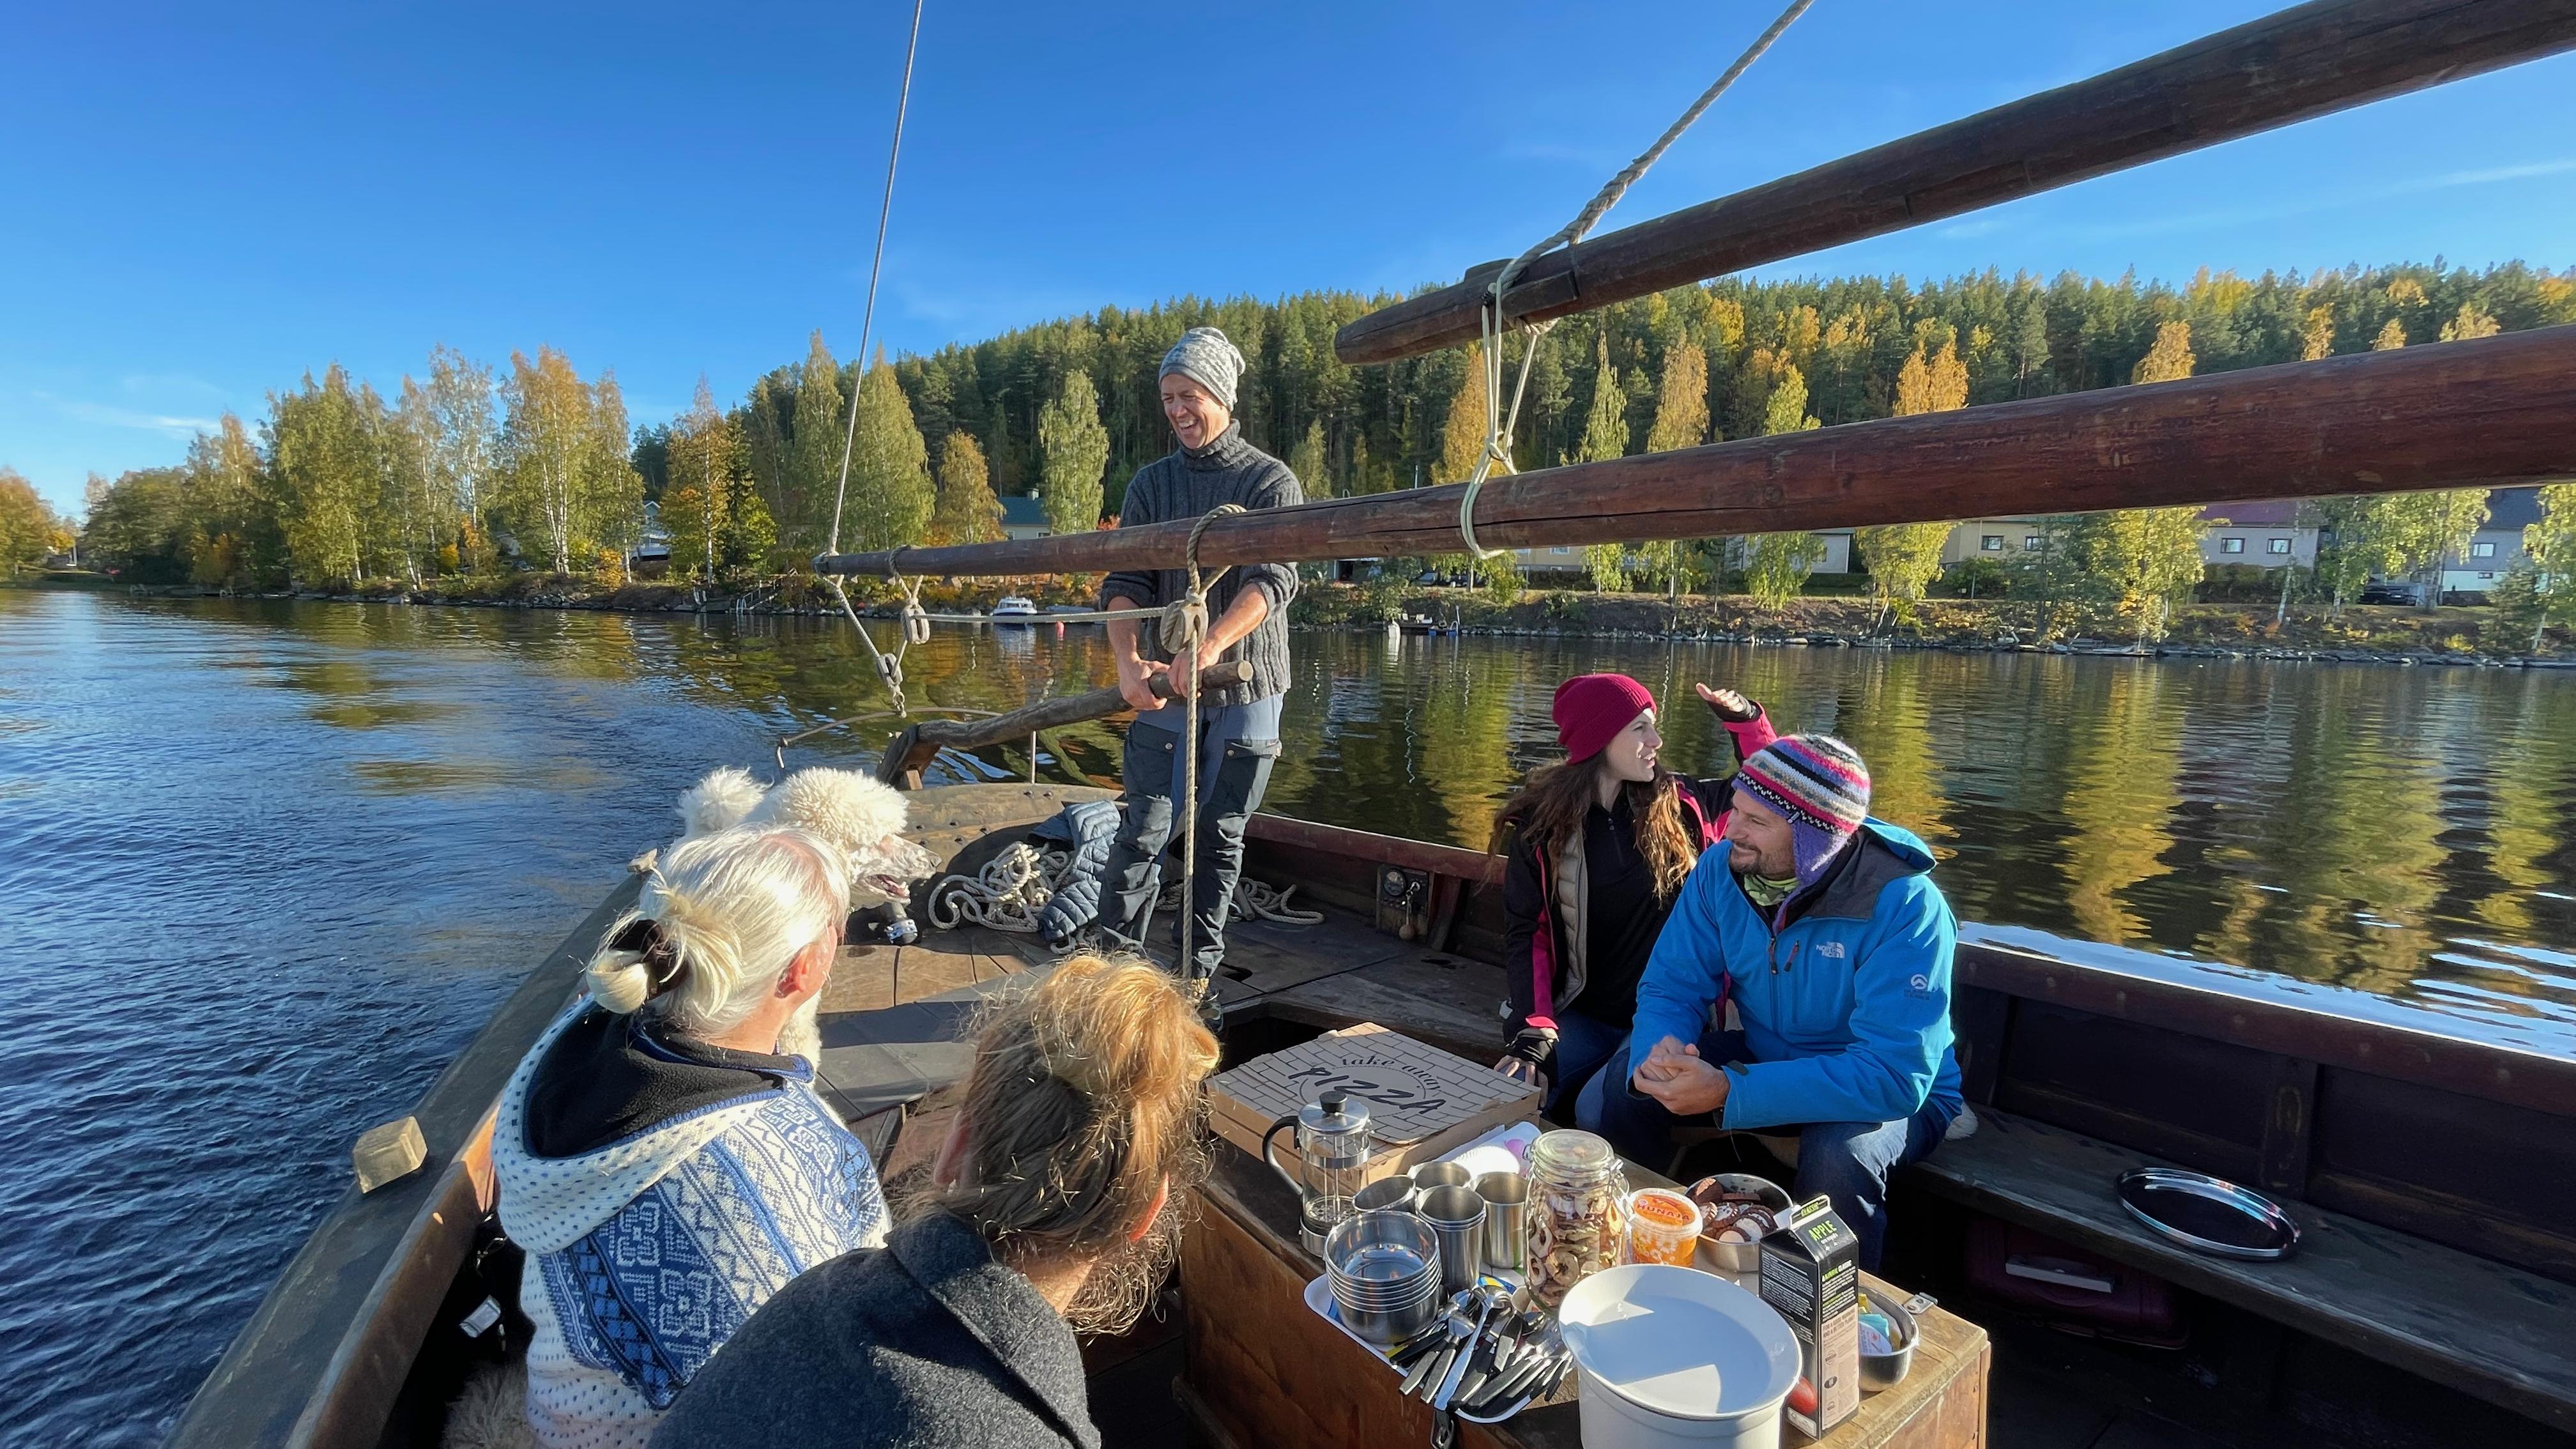 Matkalla Kaakkosaareen. Kuvassa vasemmalta oikealle: Anne Räisänen-Sokolowski, Hanna Semann, Manu Semann, Alana Alvarez ja Manuel Bustelo (kuva: Niko Nappu).